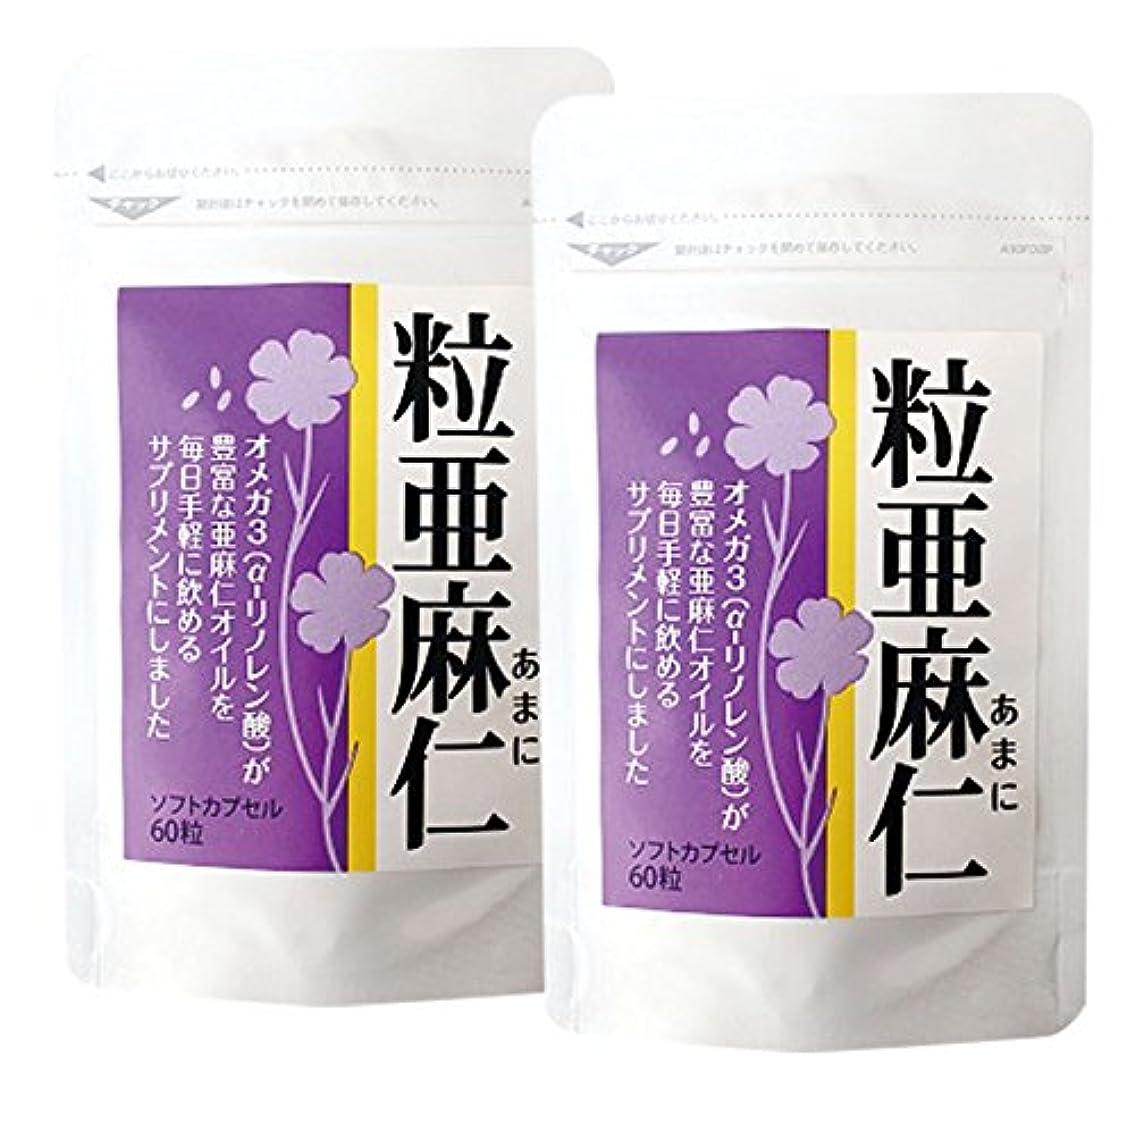 徴収マニフェスト蓋粒亜麻仁(60粒)×2袋セット